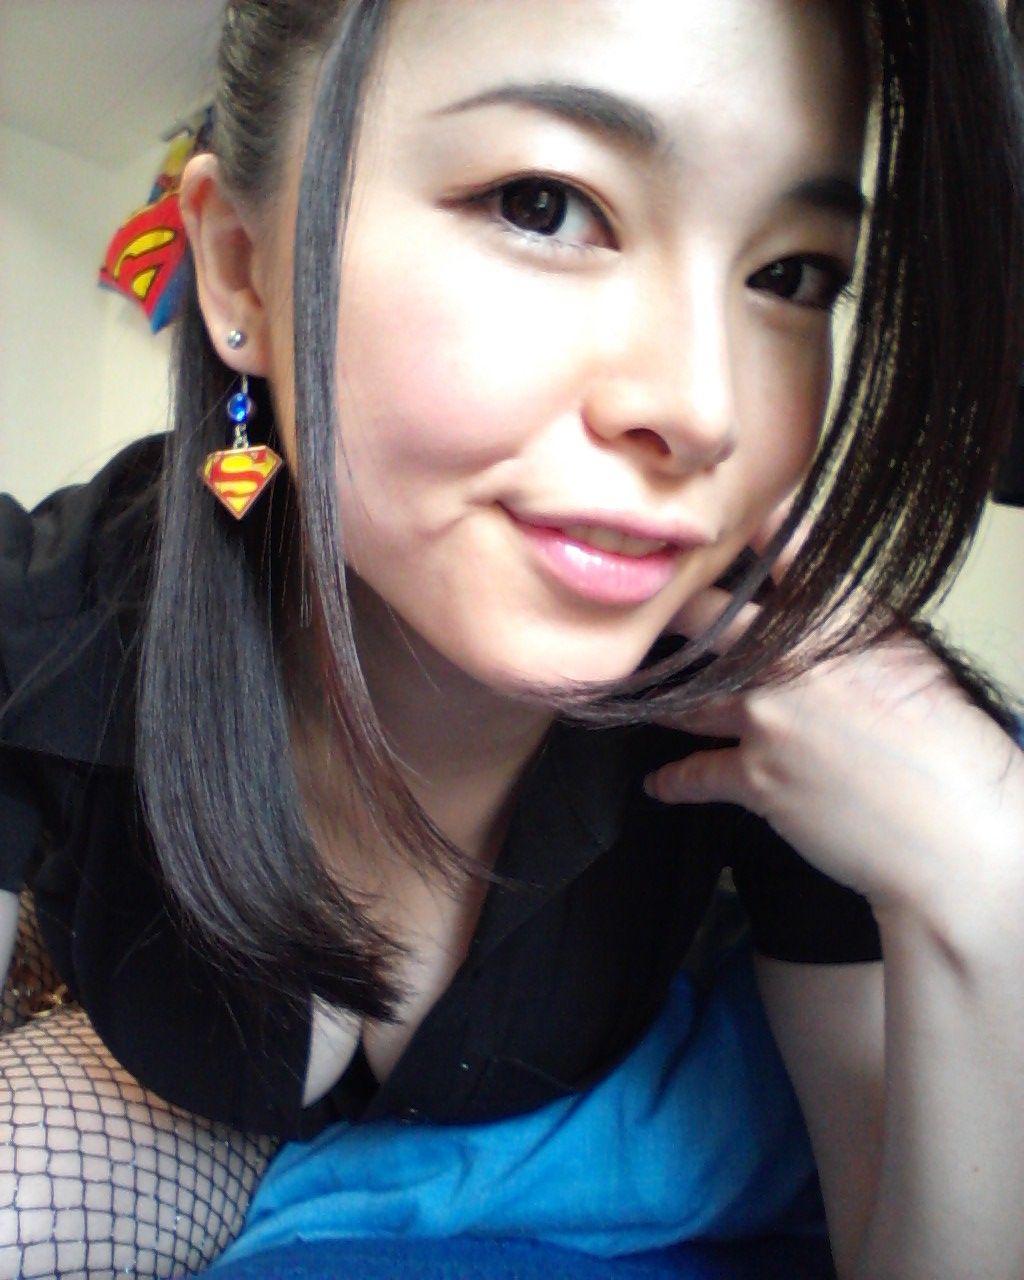 緒川凛の画像 p1_40